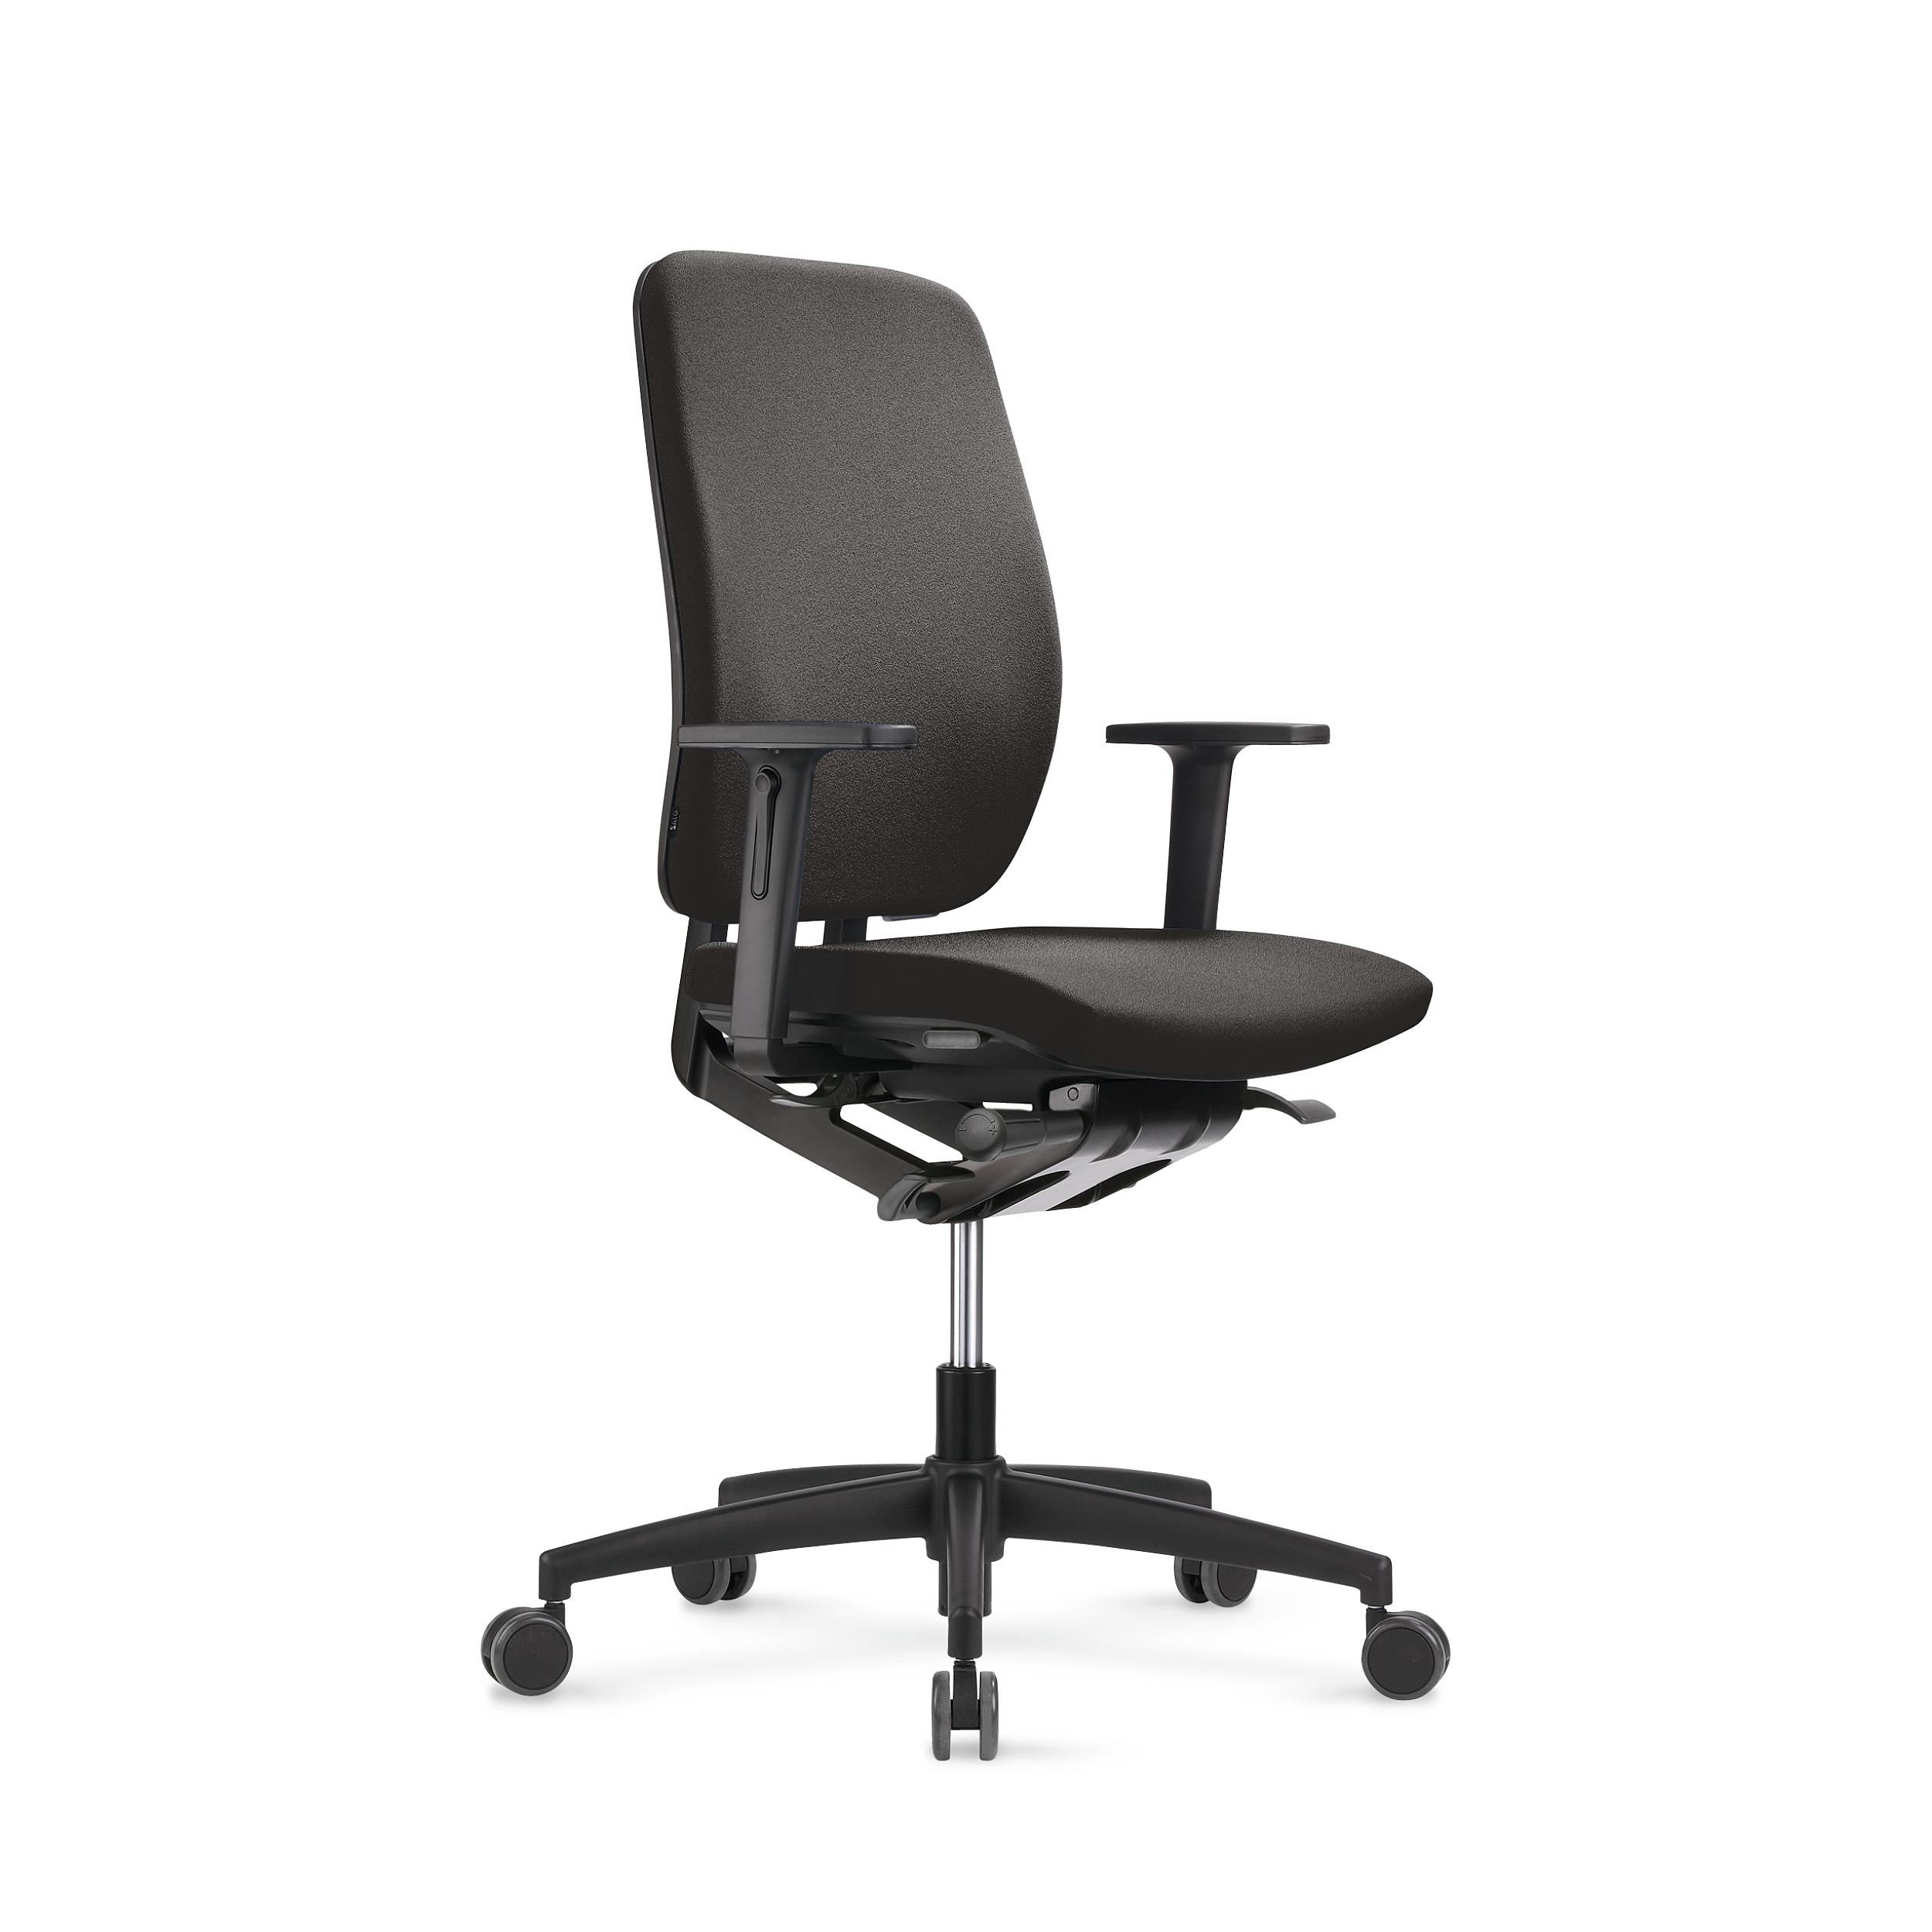 krzesło_GLOBEline05